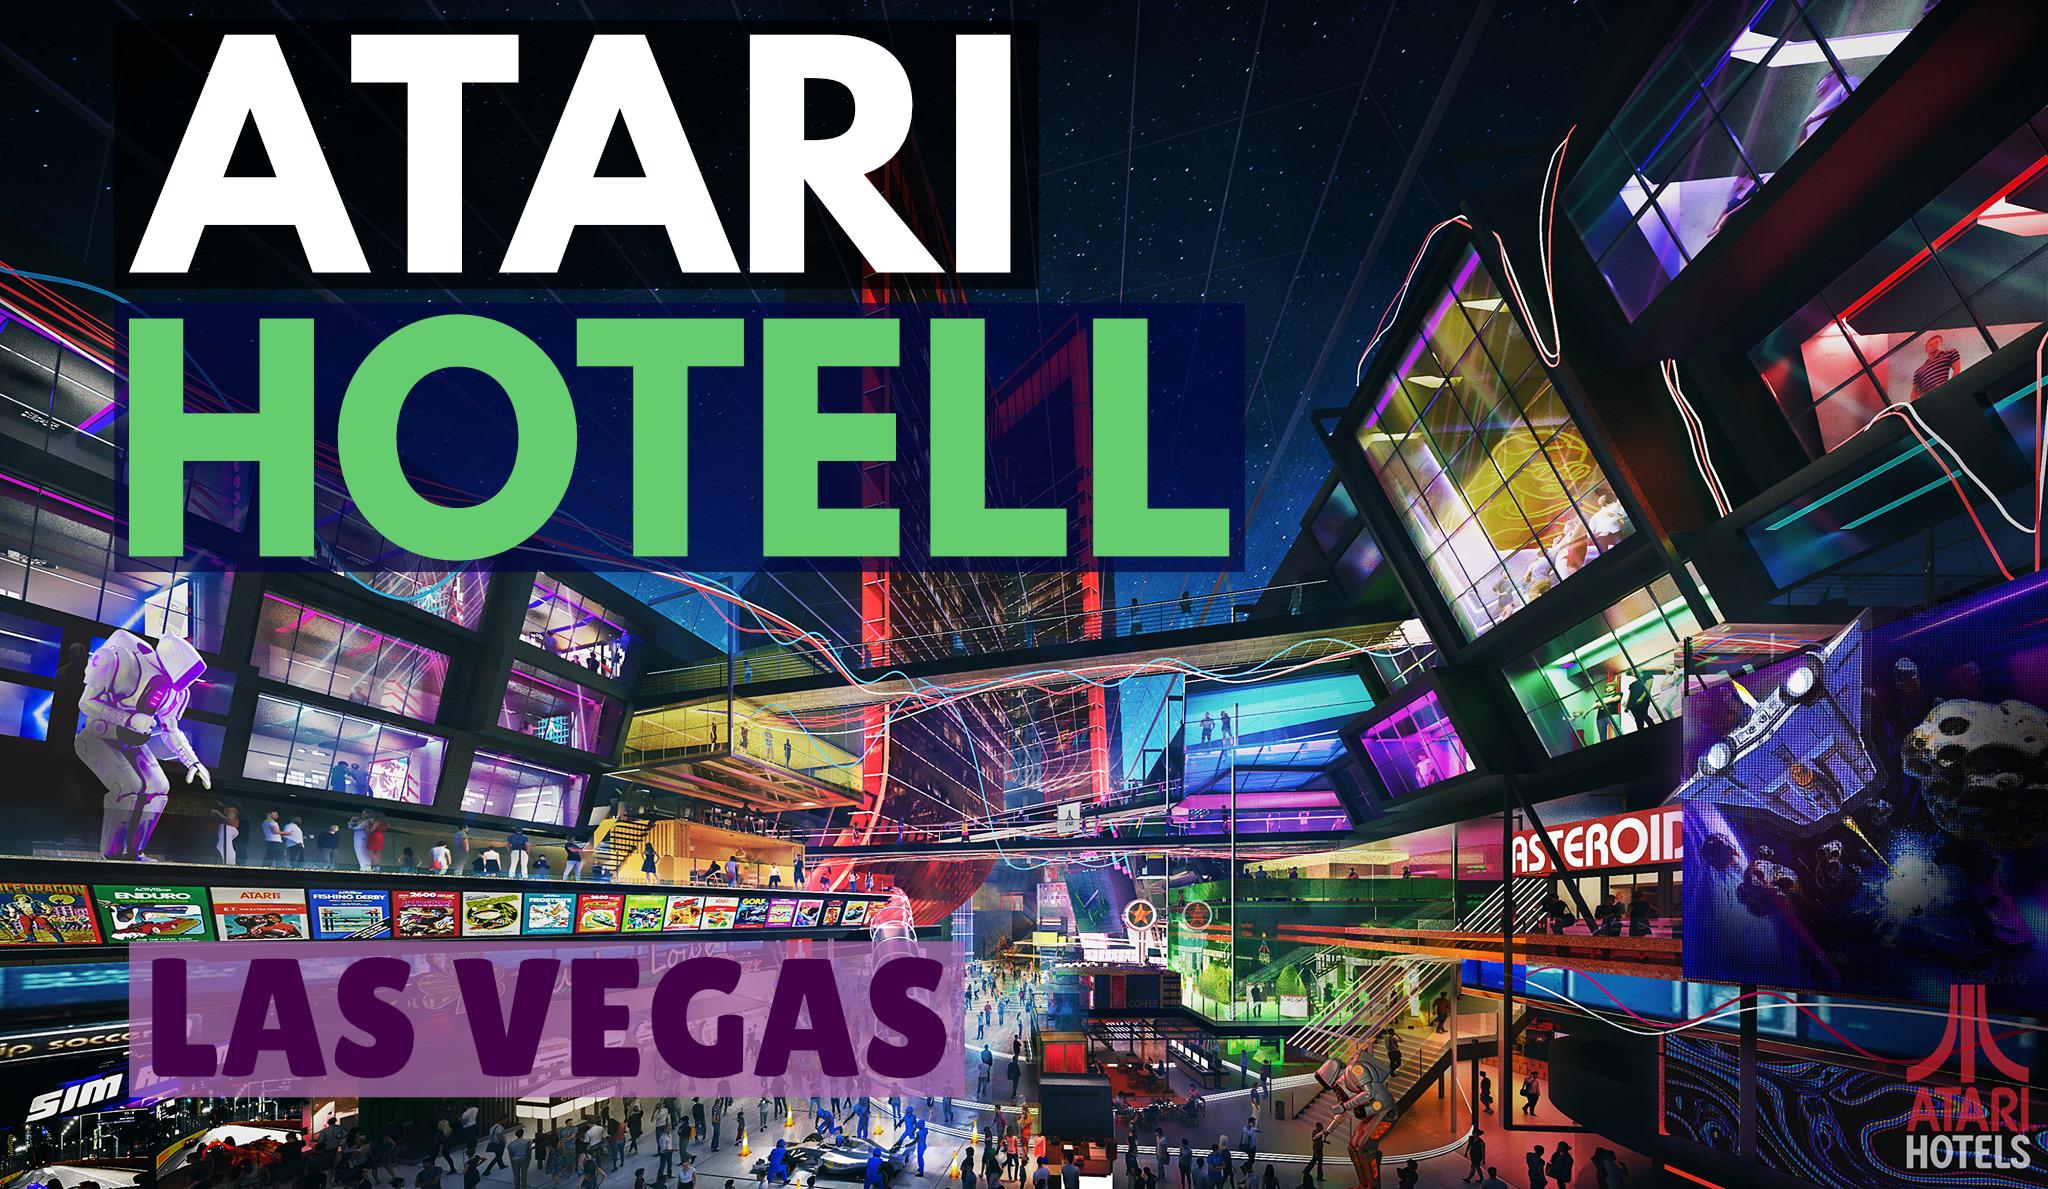 Atari Las Vegas